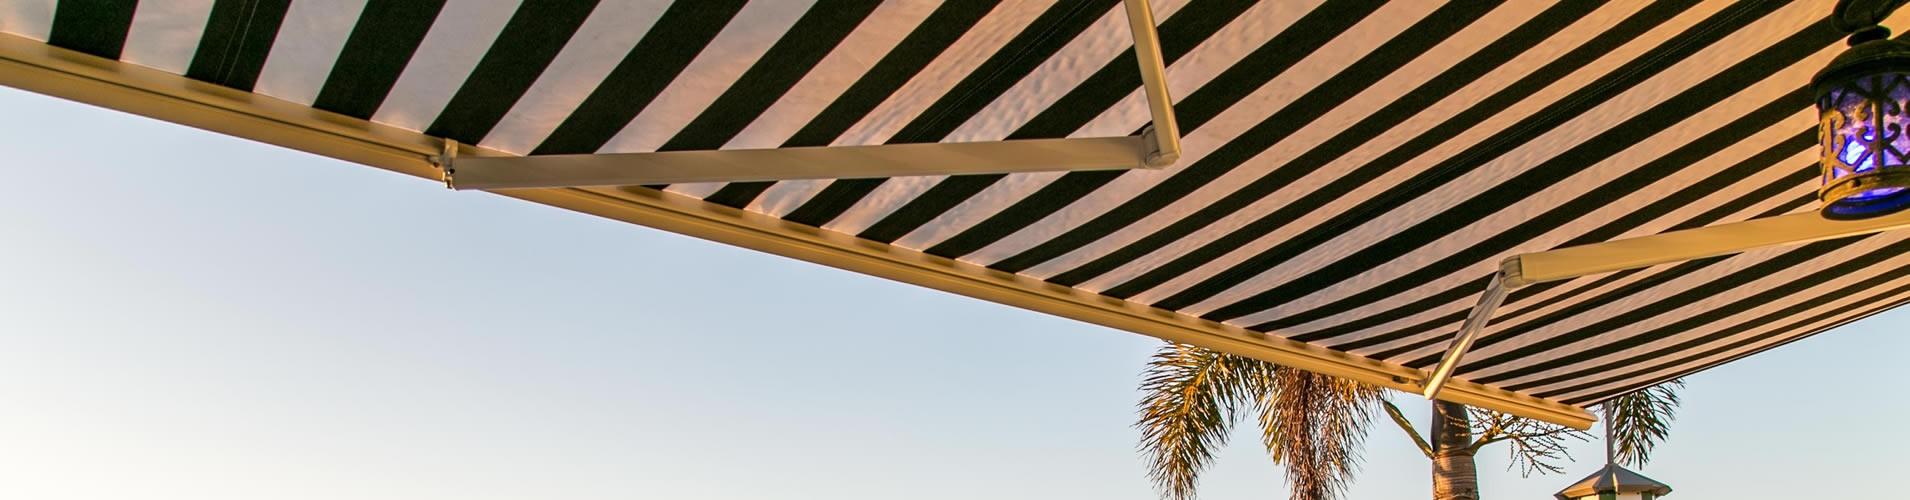 houston awnings